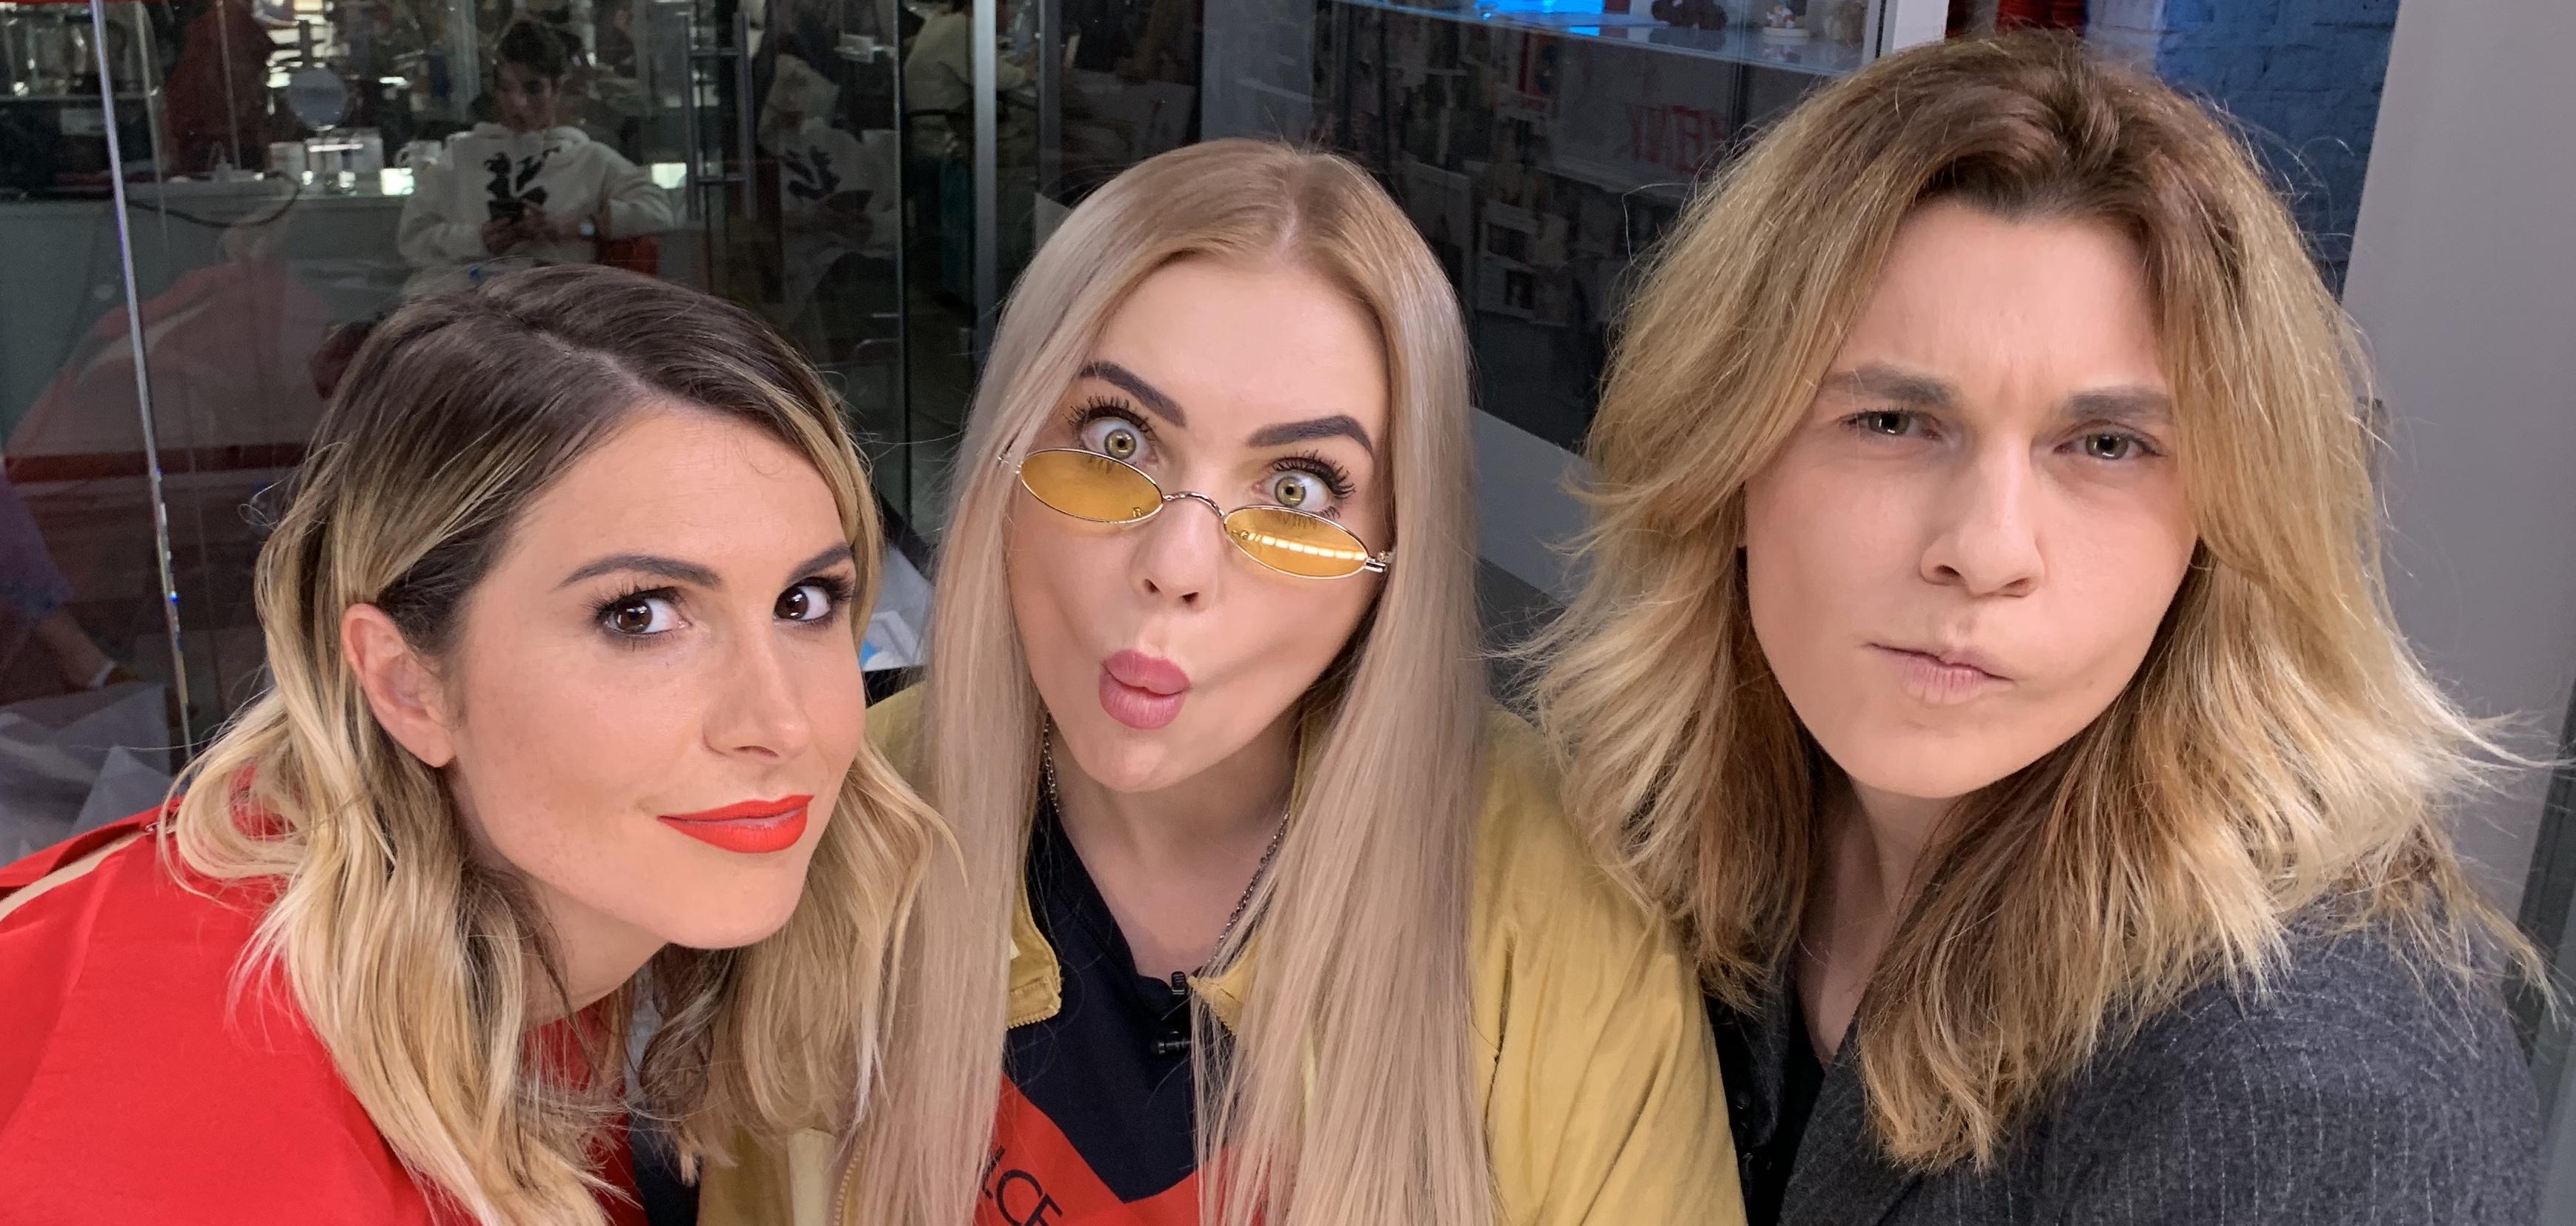 Блогер Карина Кросс о том, сколько зарабатывает, зачем рожала в такси и как ее разыграли друзья